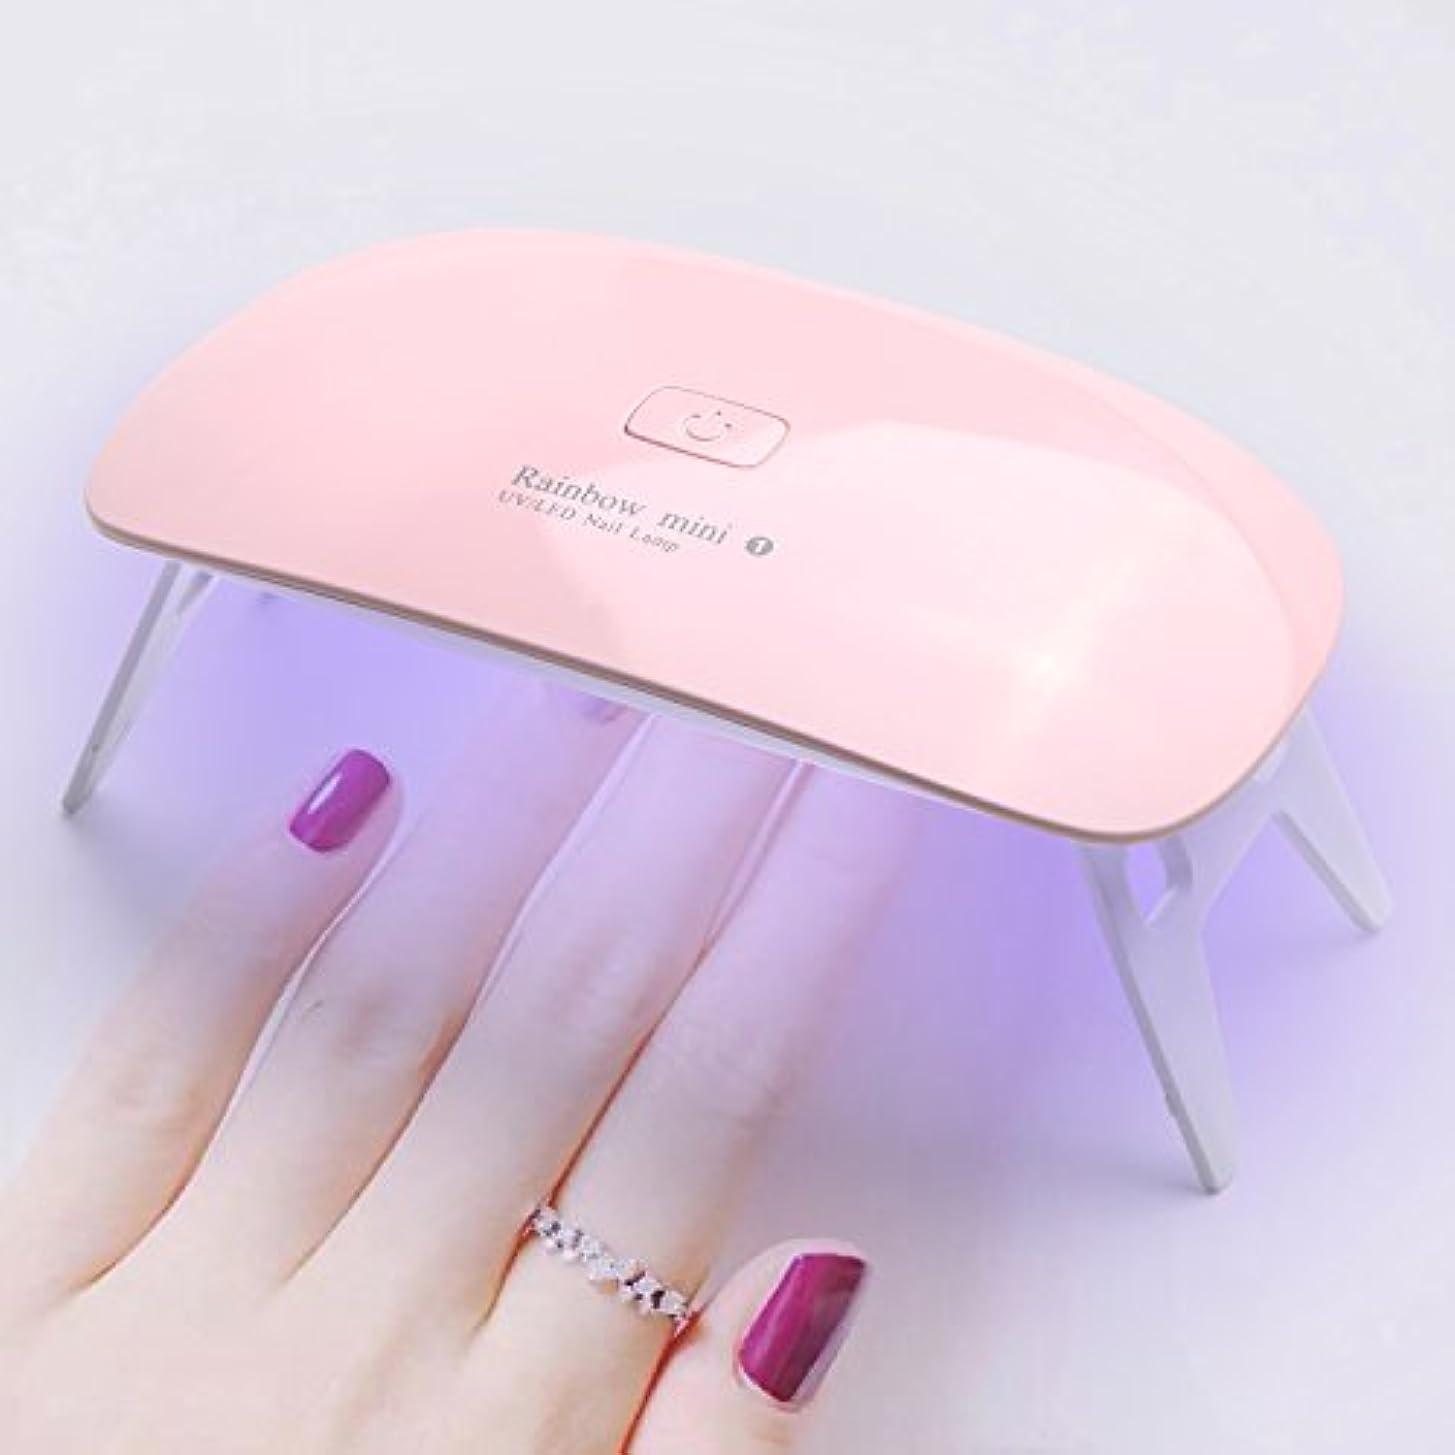 隙間聴衆書き出すLEDネイルドライヤー AmoVee UVライト タイマー設定可能 折りたたみ式 ジェルネイル用 (pink)